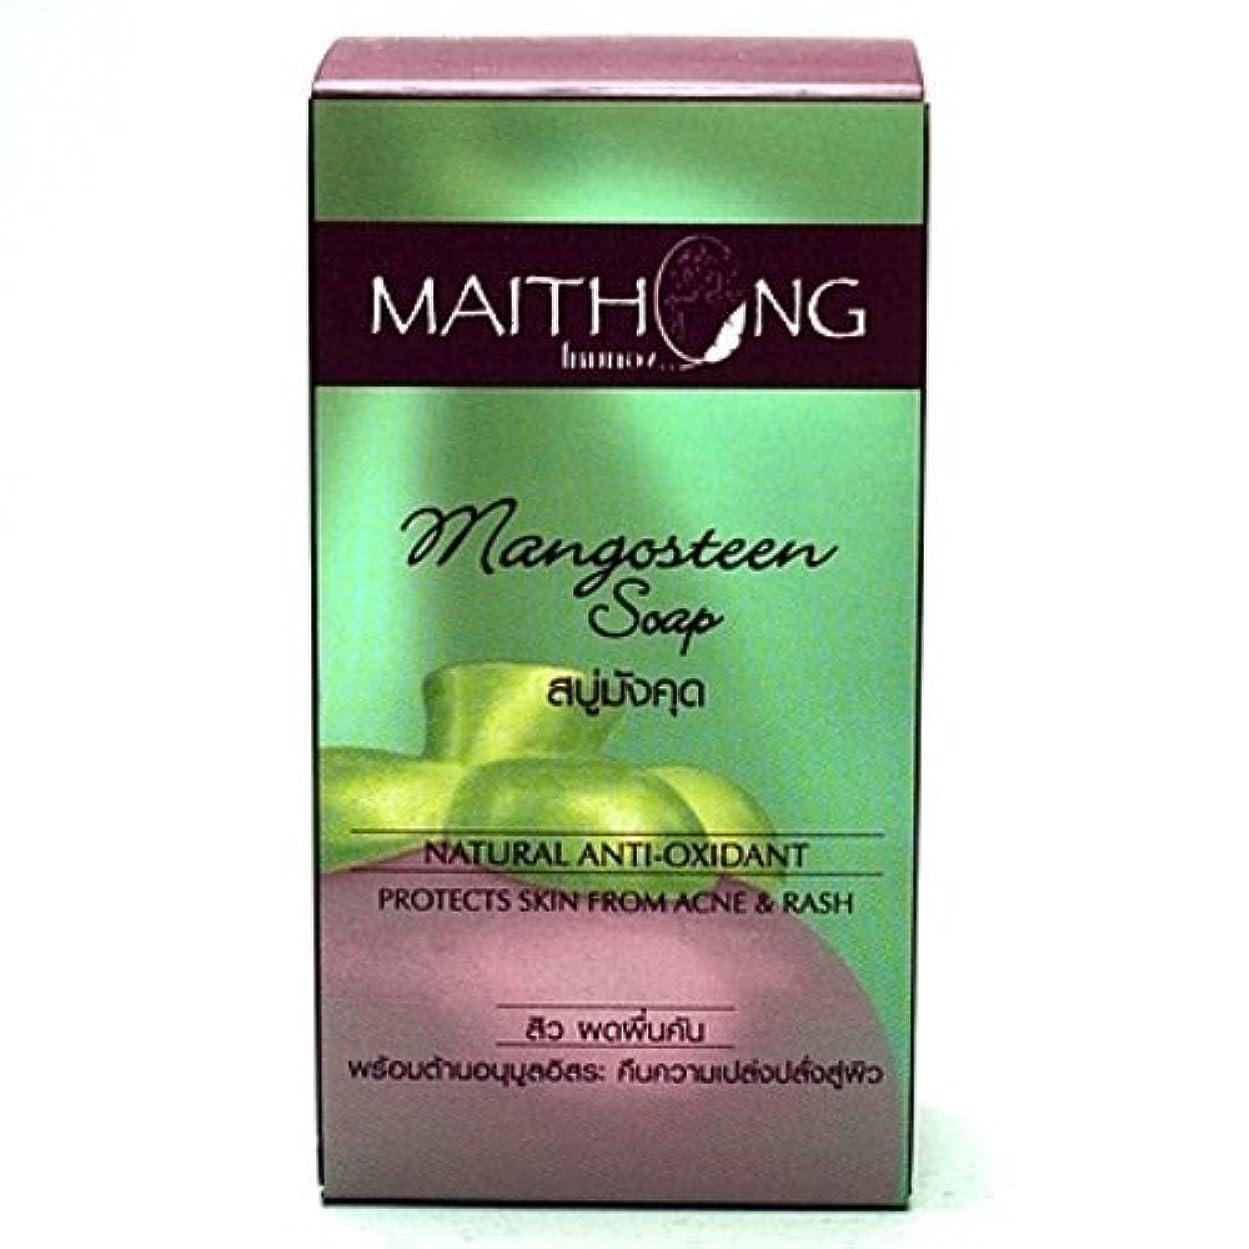 リブ発送成人期Mangosteen Soap Face and Body Wash Acne Rash Black Spot Spa Facial Soap Bar Natural Herb Scent by Maithong